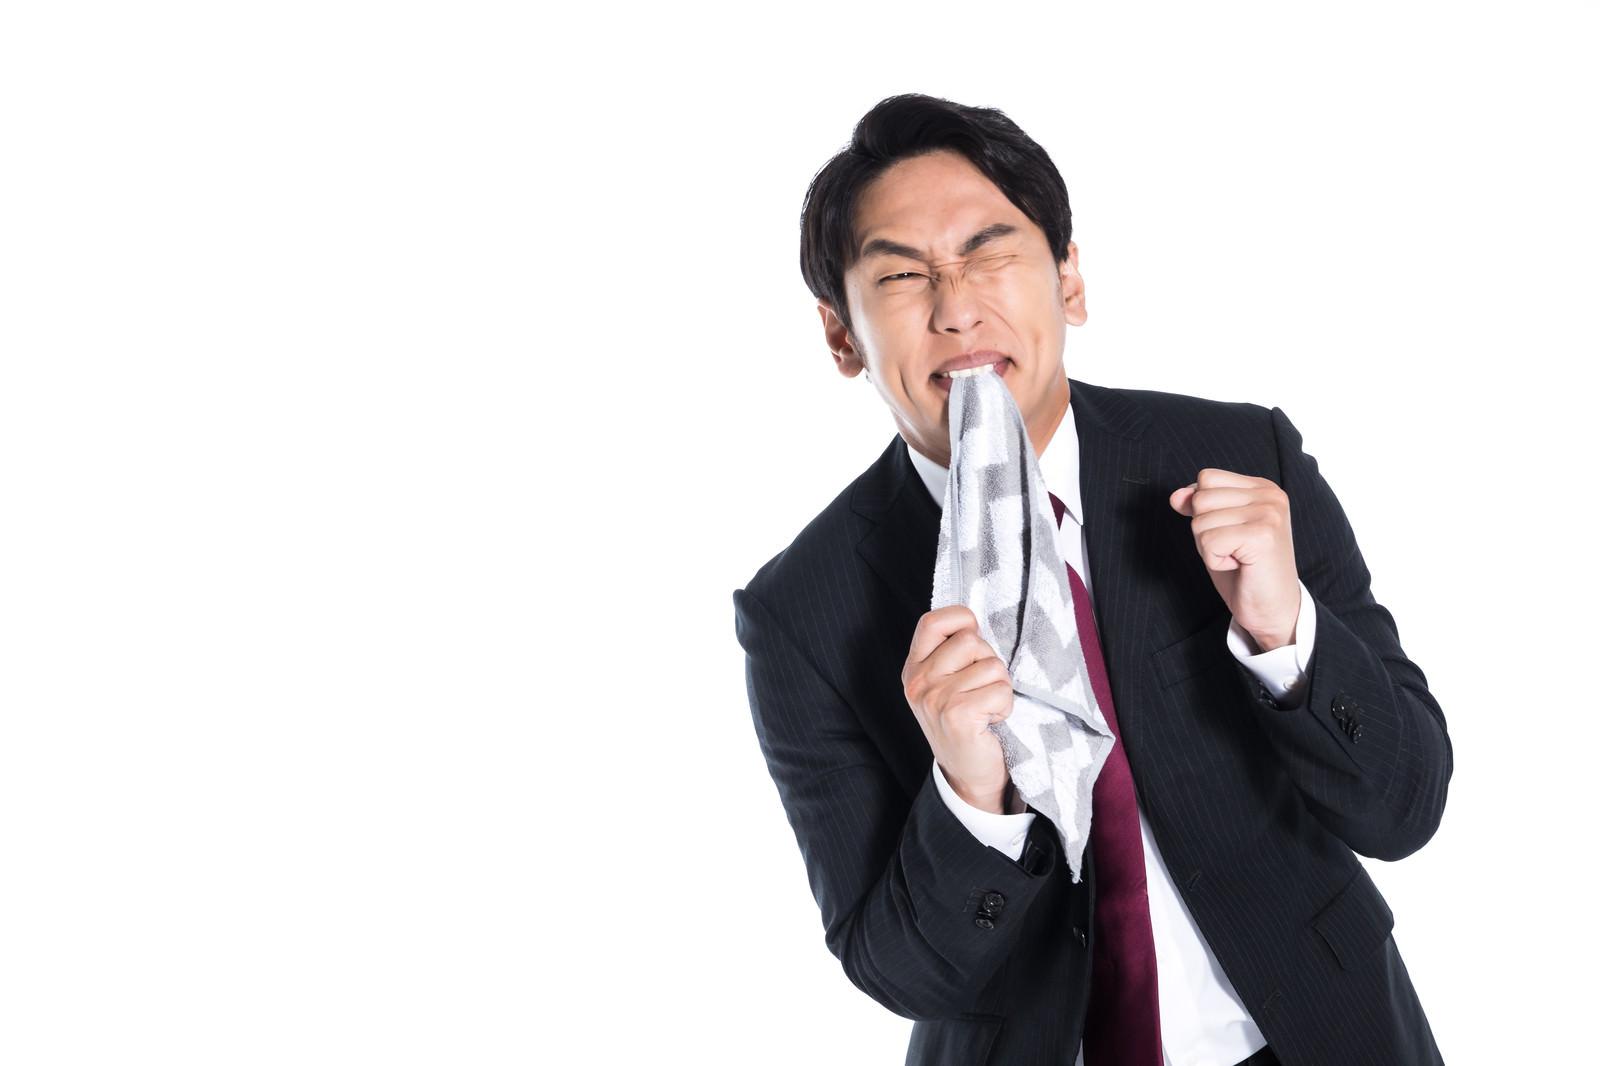 「罵られ悔しくて仕方がない従業員」の写真[モデル:大川竜弥]